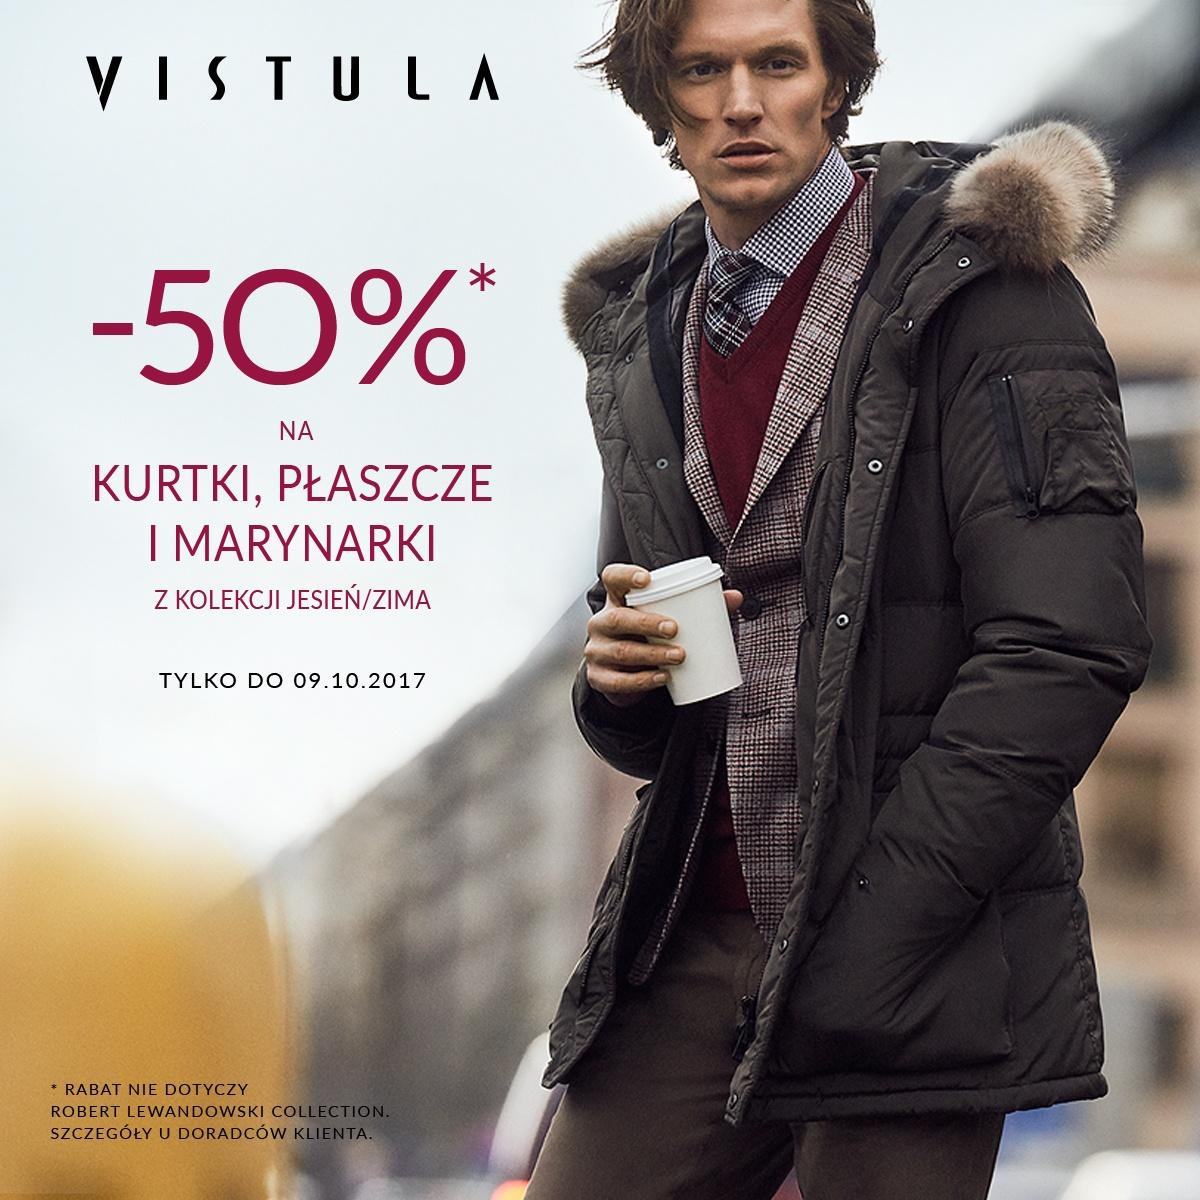 VISTULA -50% RABATU